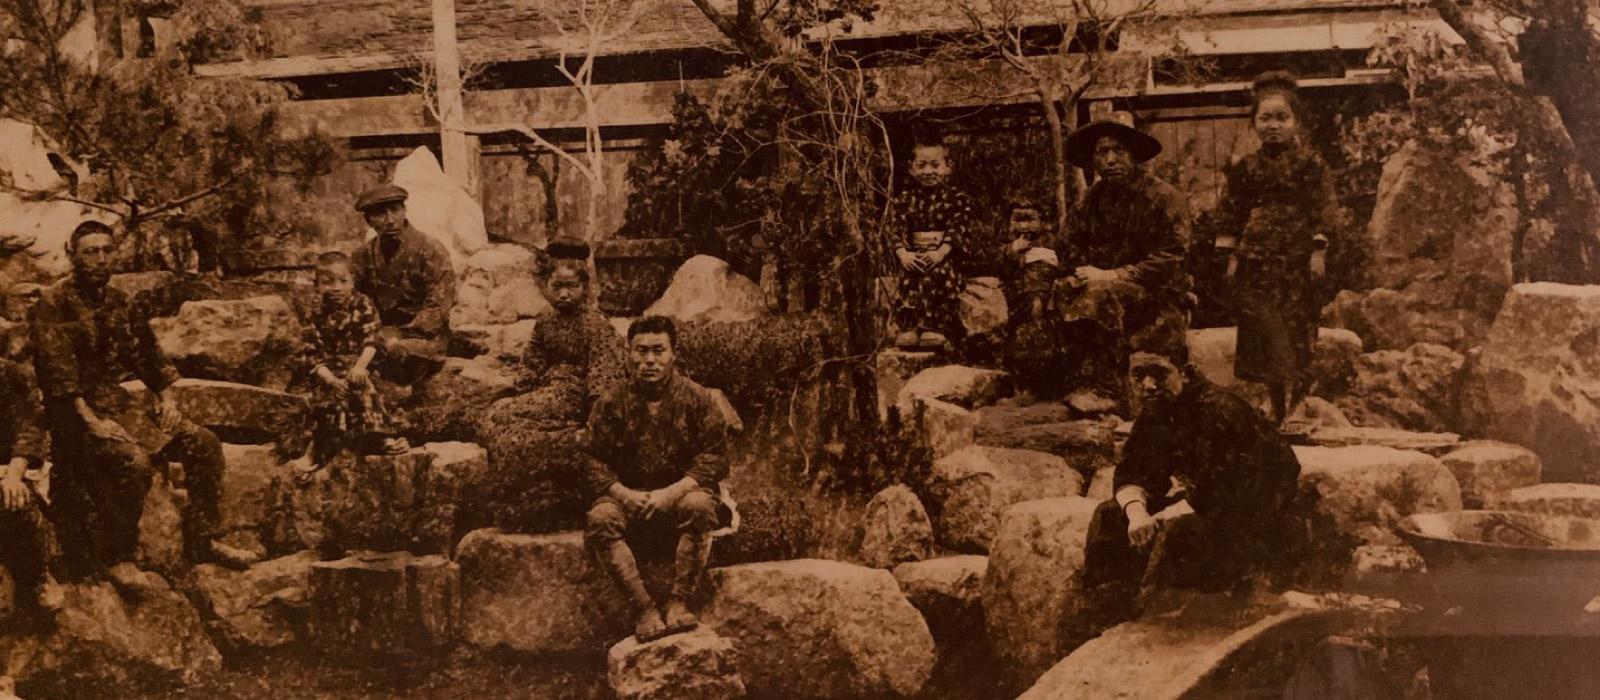 明治後期の中庭での写真